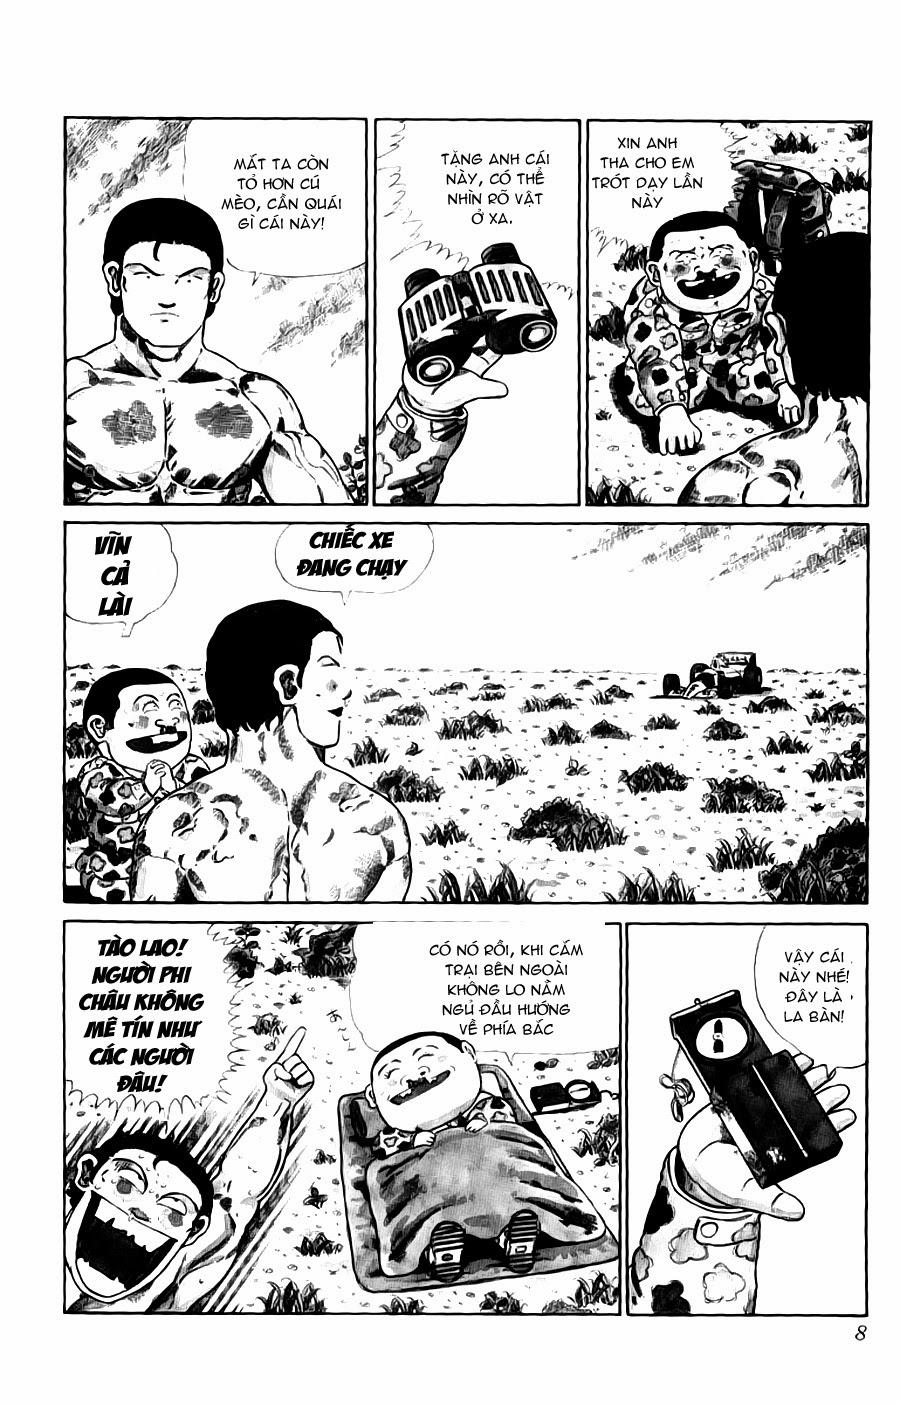 Chúa rừng Ta-chan chapter 113 (new - phần 2 chapter 1) trang 8